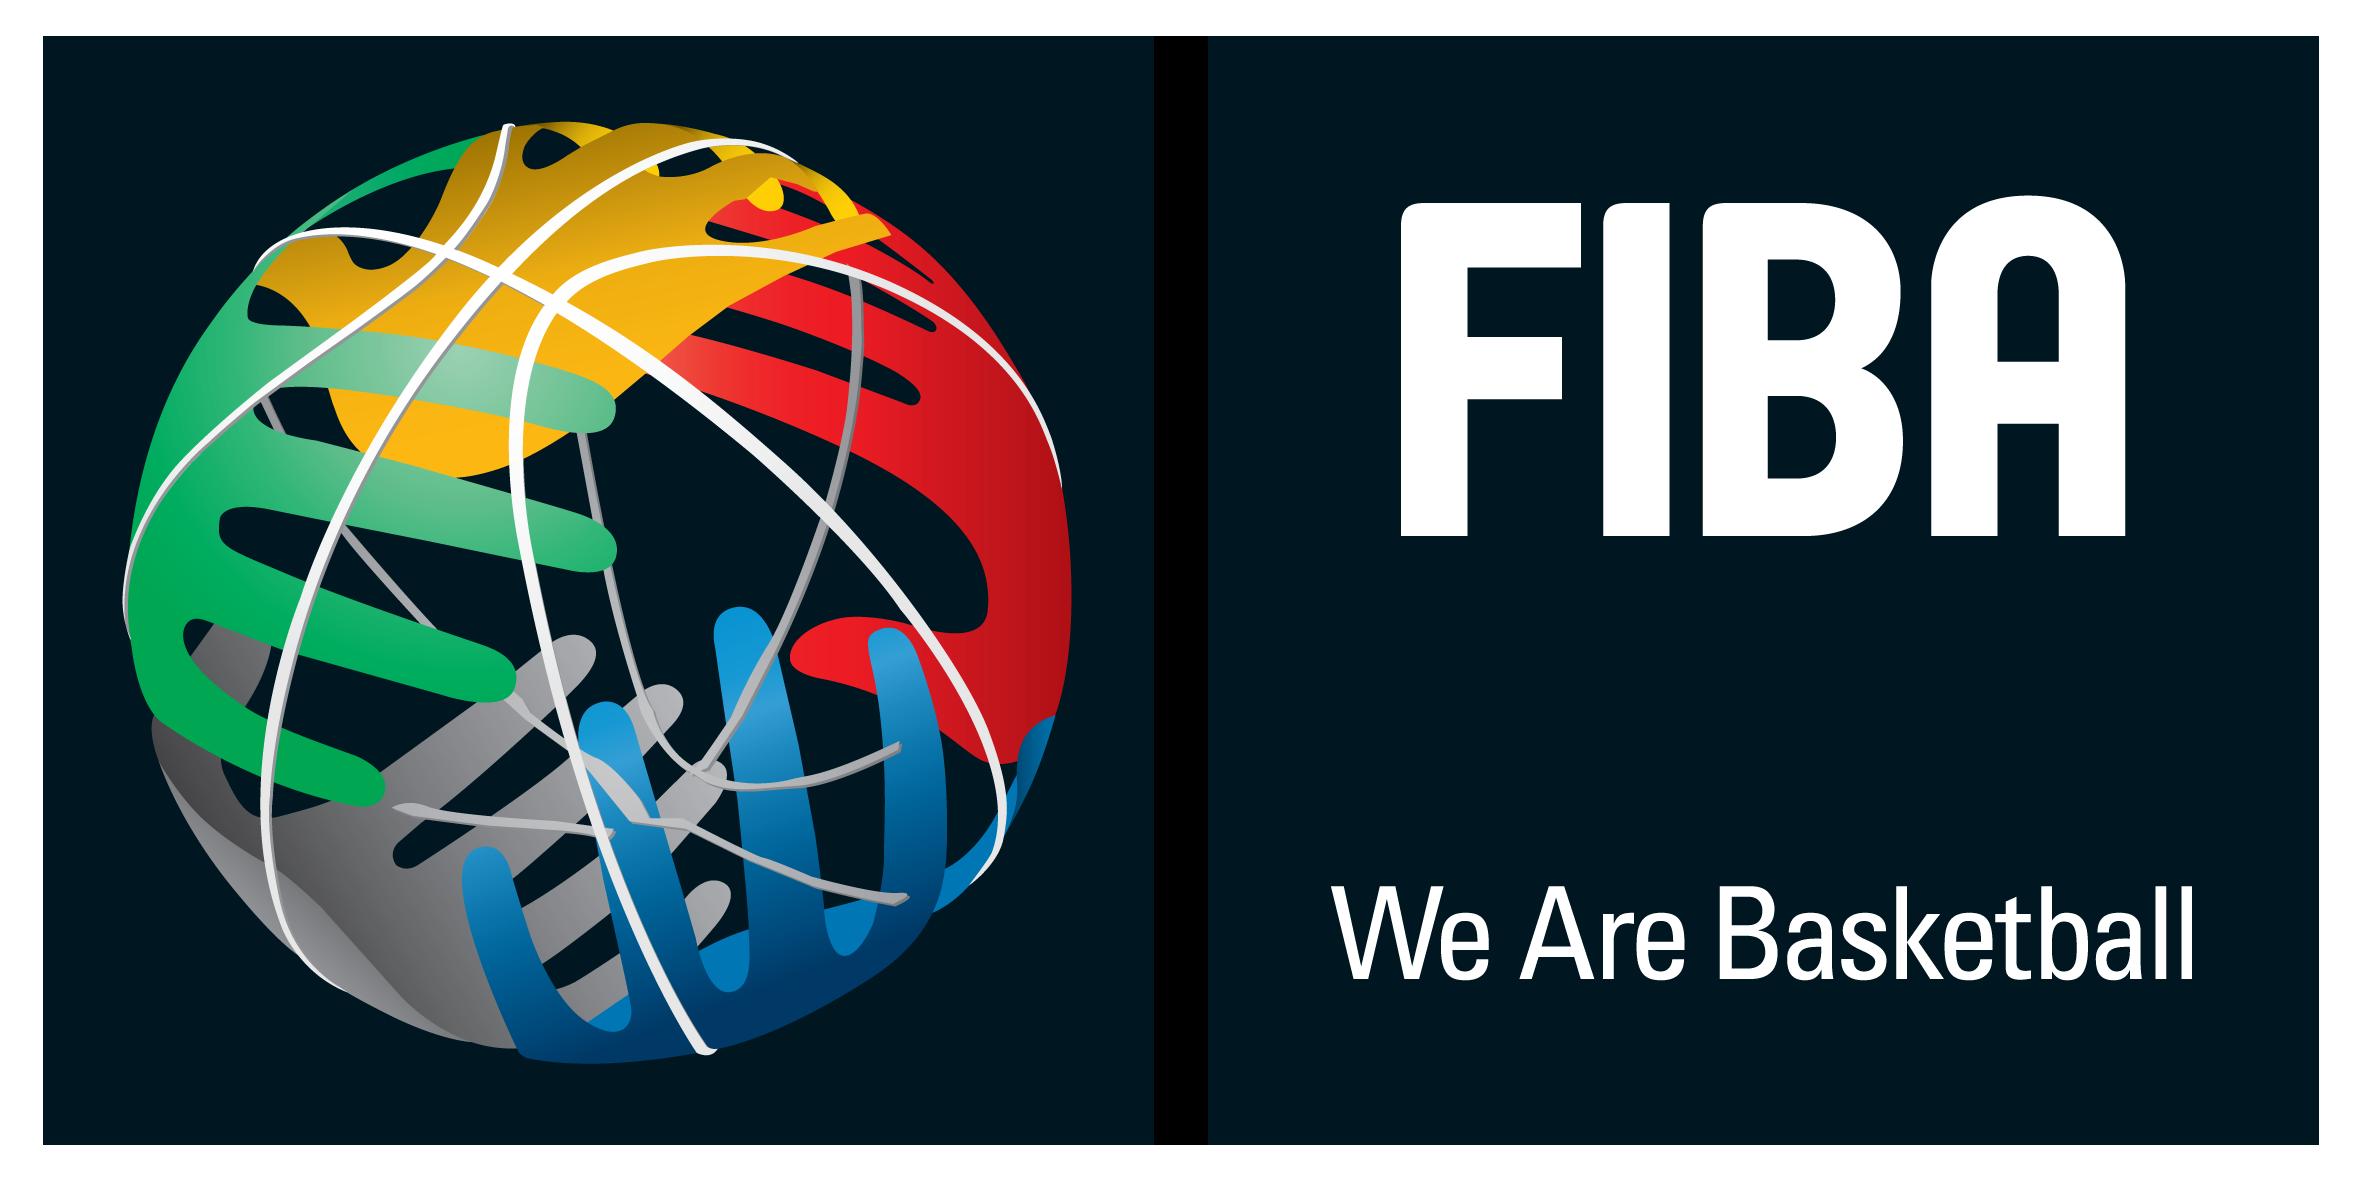 איגוד הכדורסל יתמודד על אירוח גביע העולם 2023